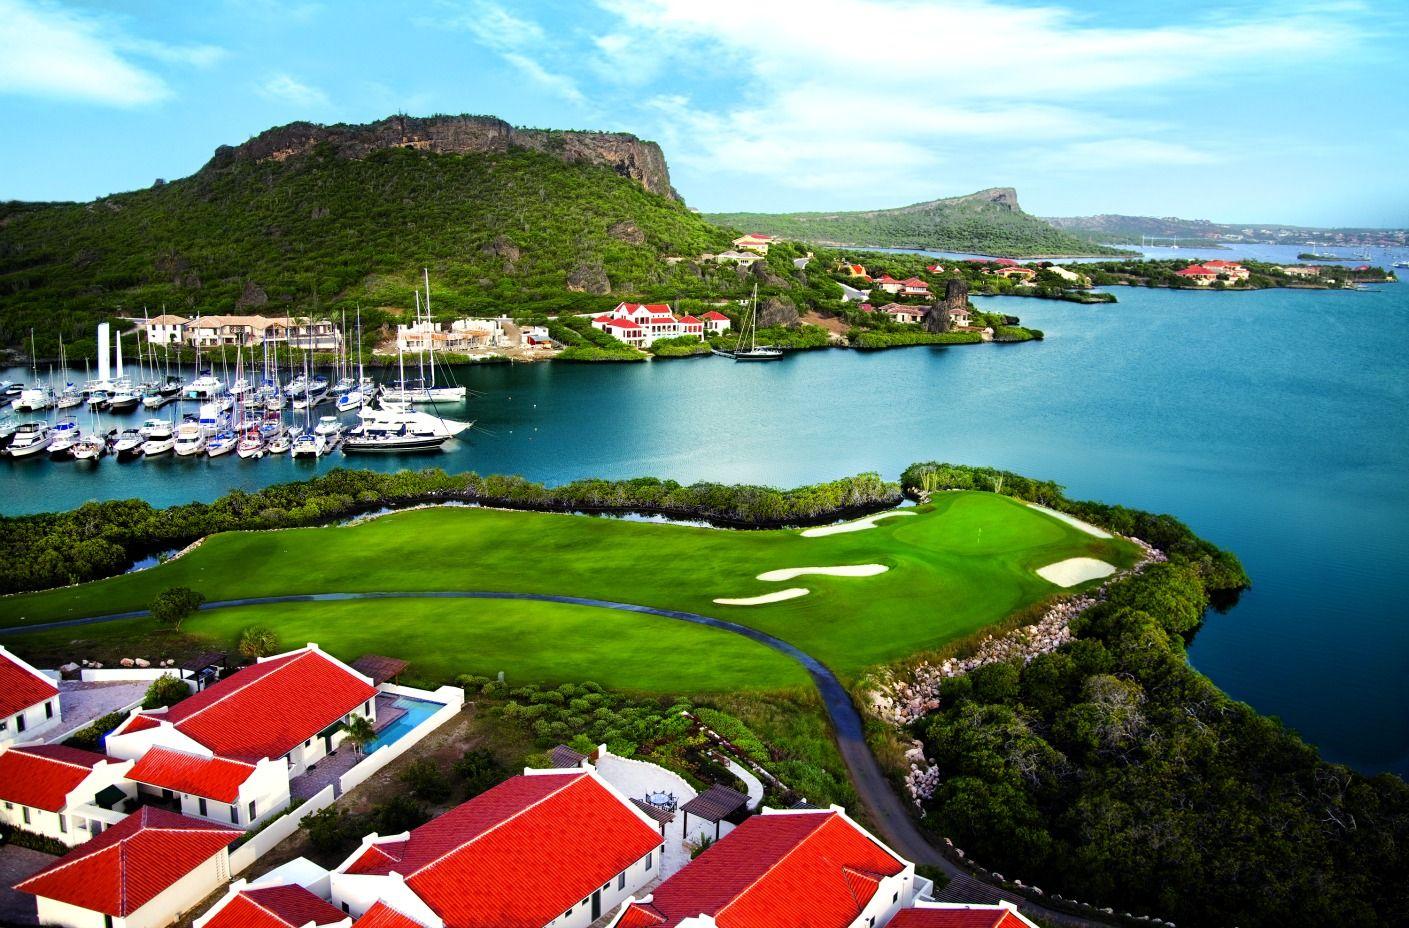 Old Quarry Golf Course, Curaçao